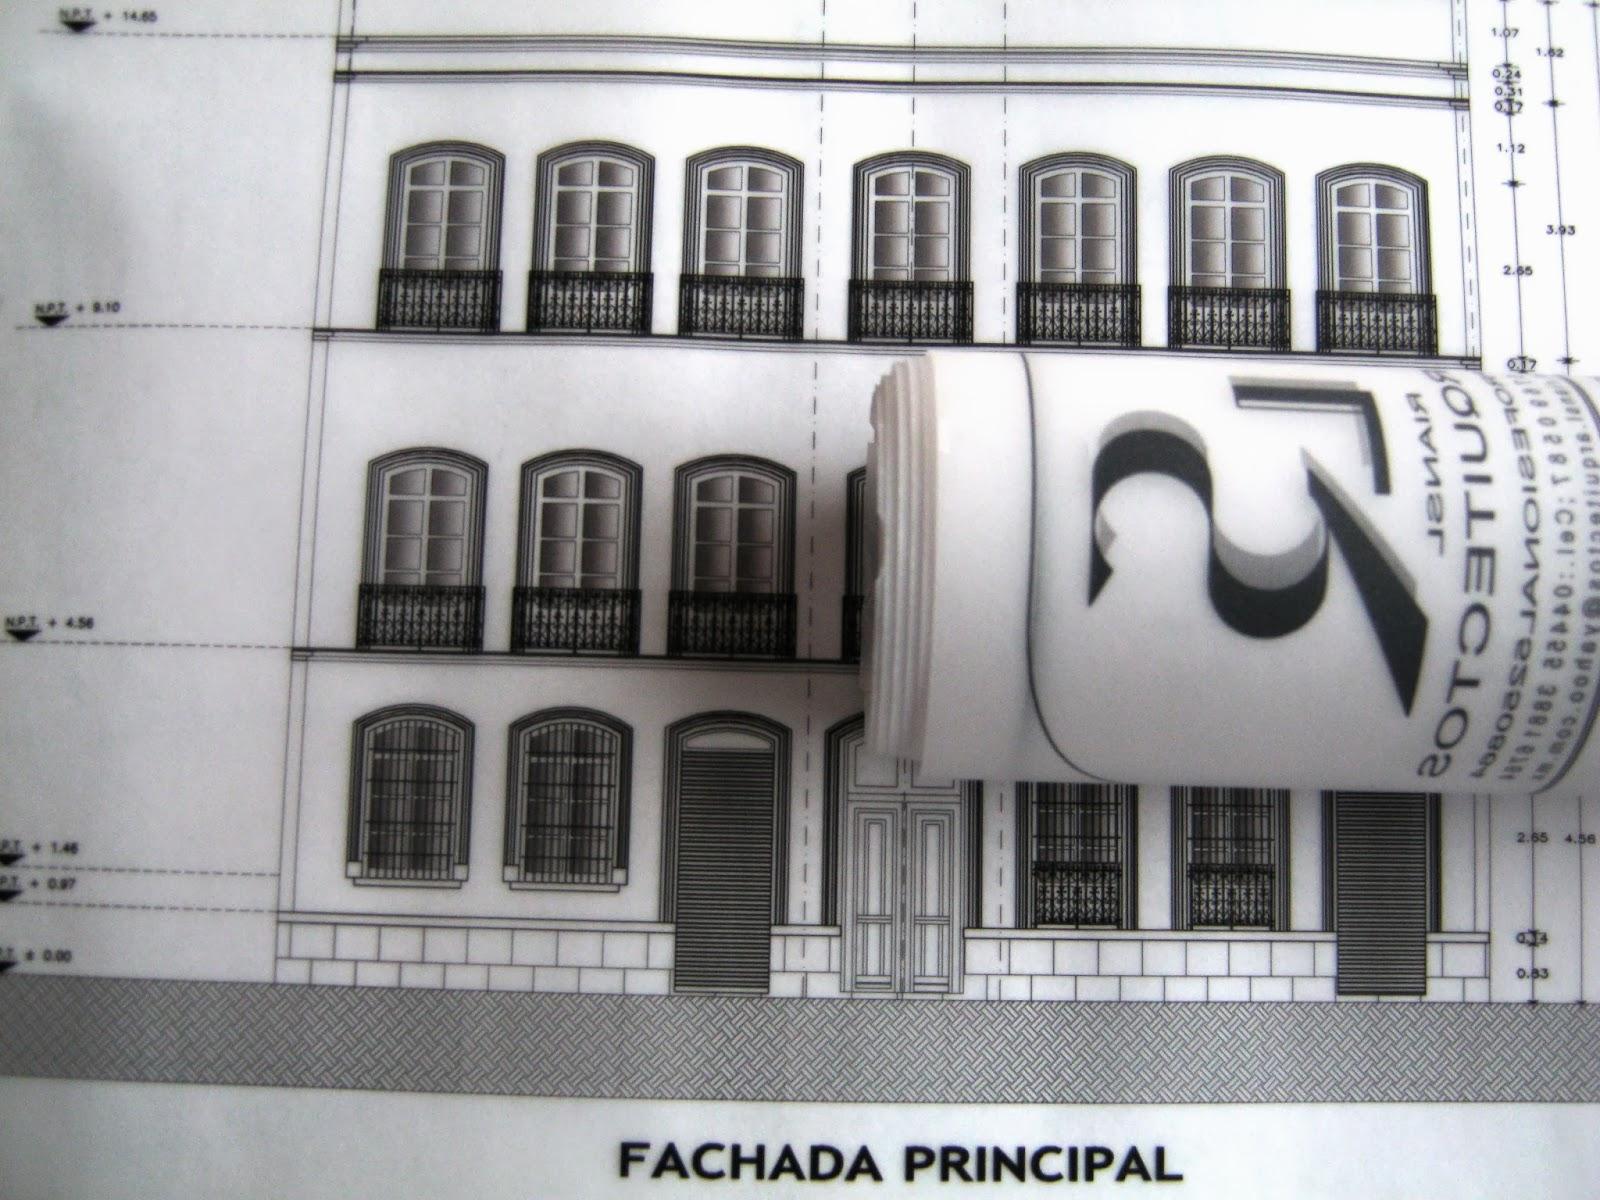 Precio m2 fachada beautiful pintura with precio m2 - Canexel precio m2 ...